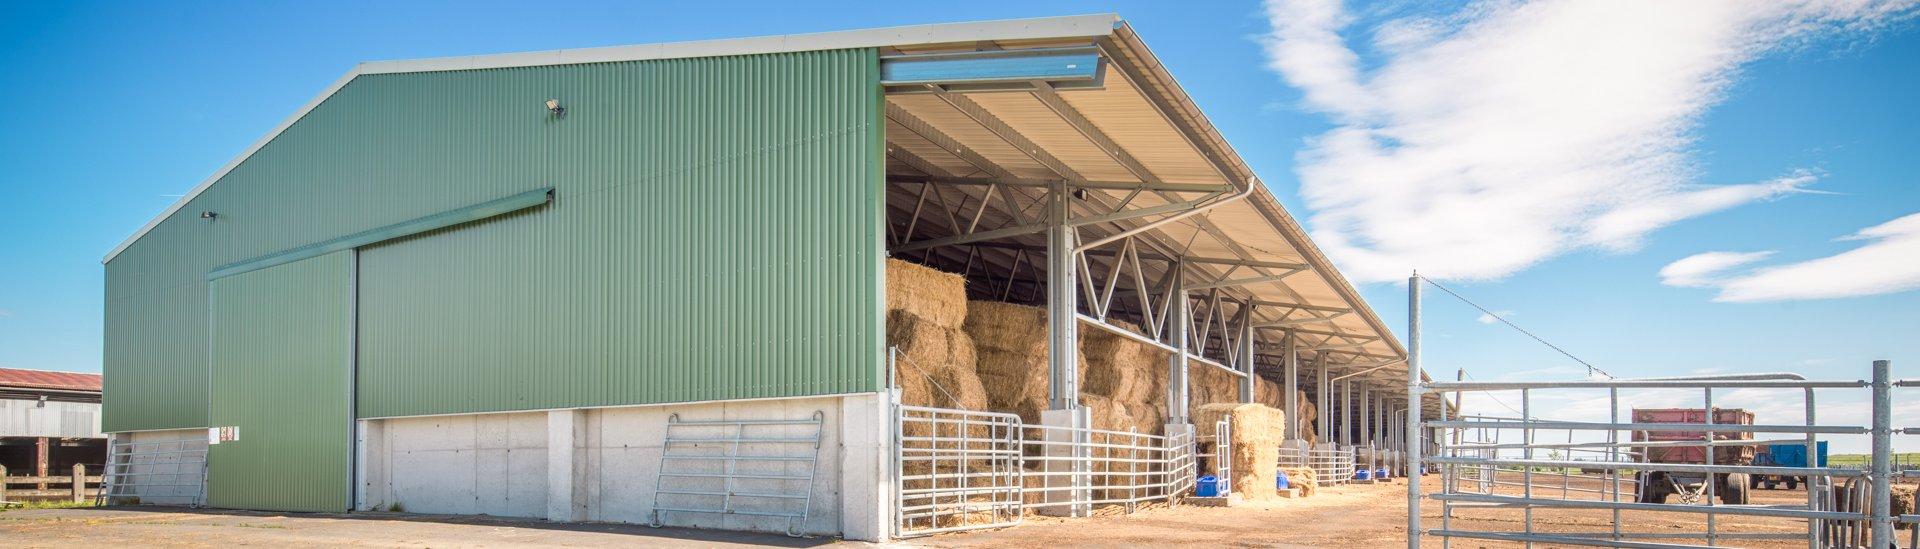 Zemědělská budova CZ0106 farma Unigranit